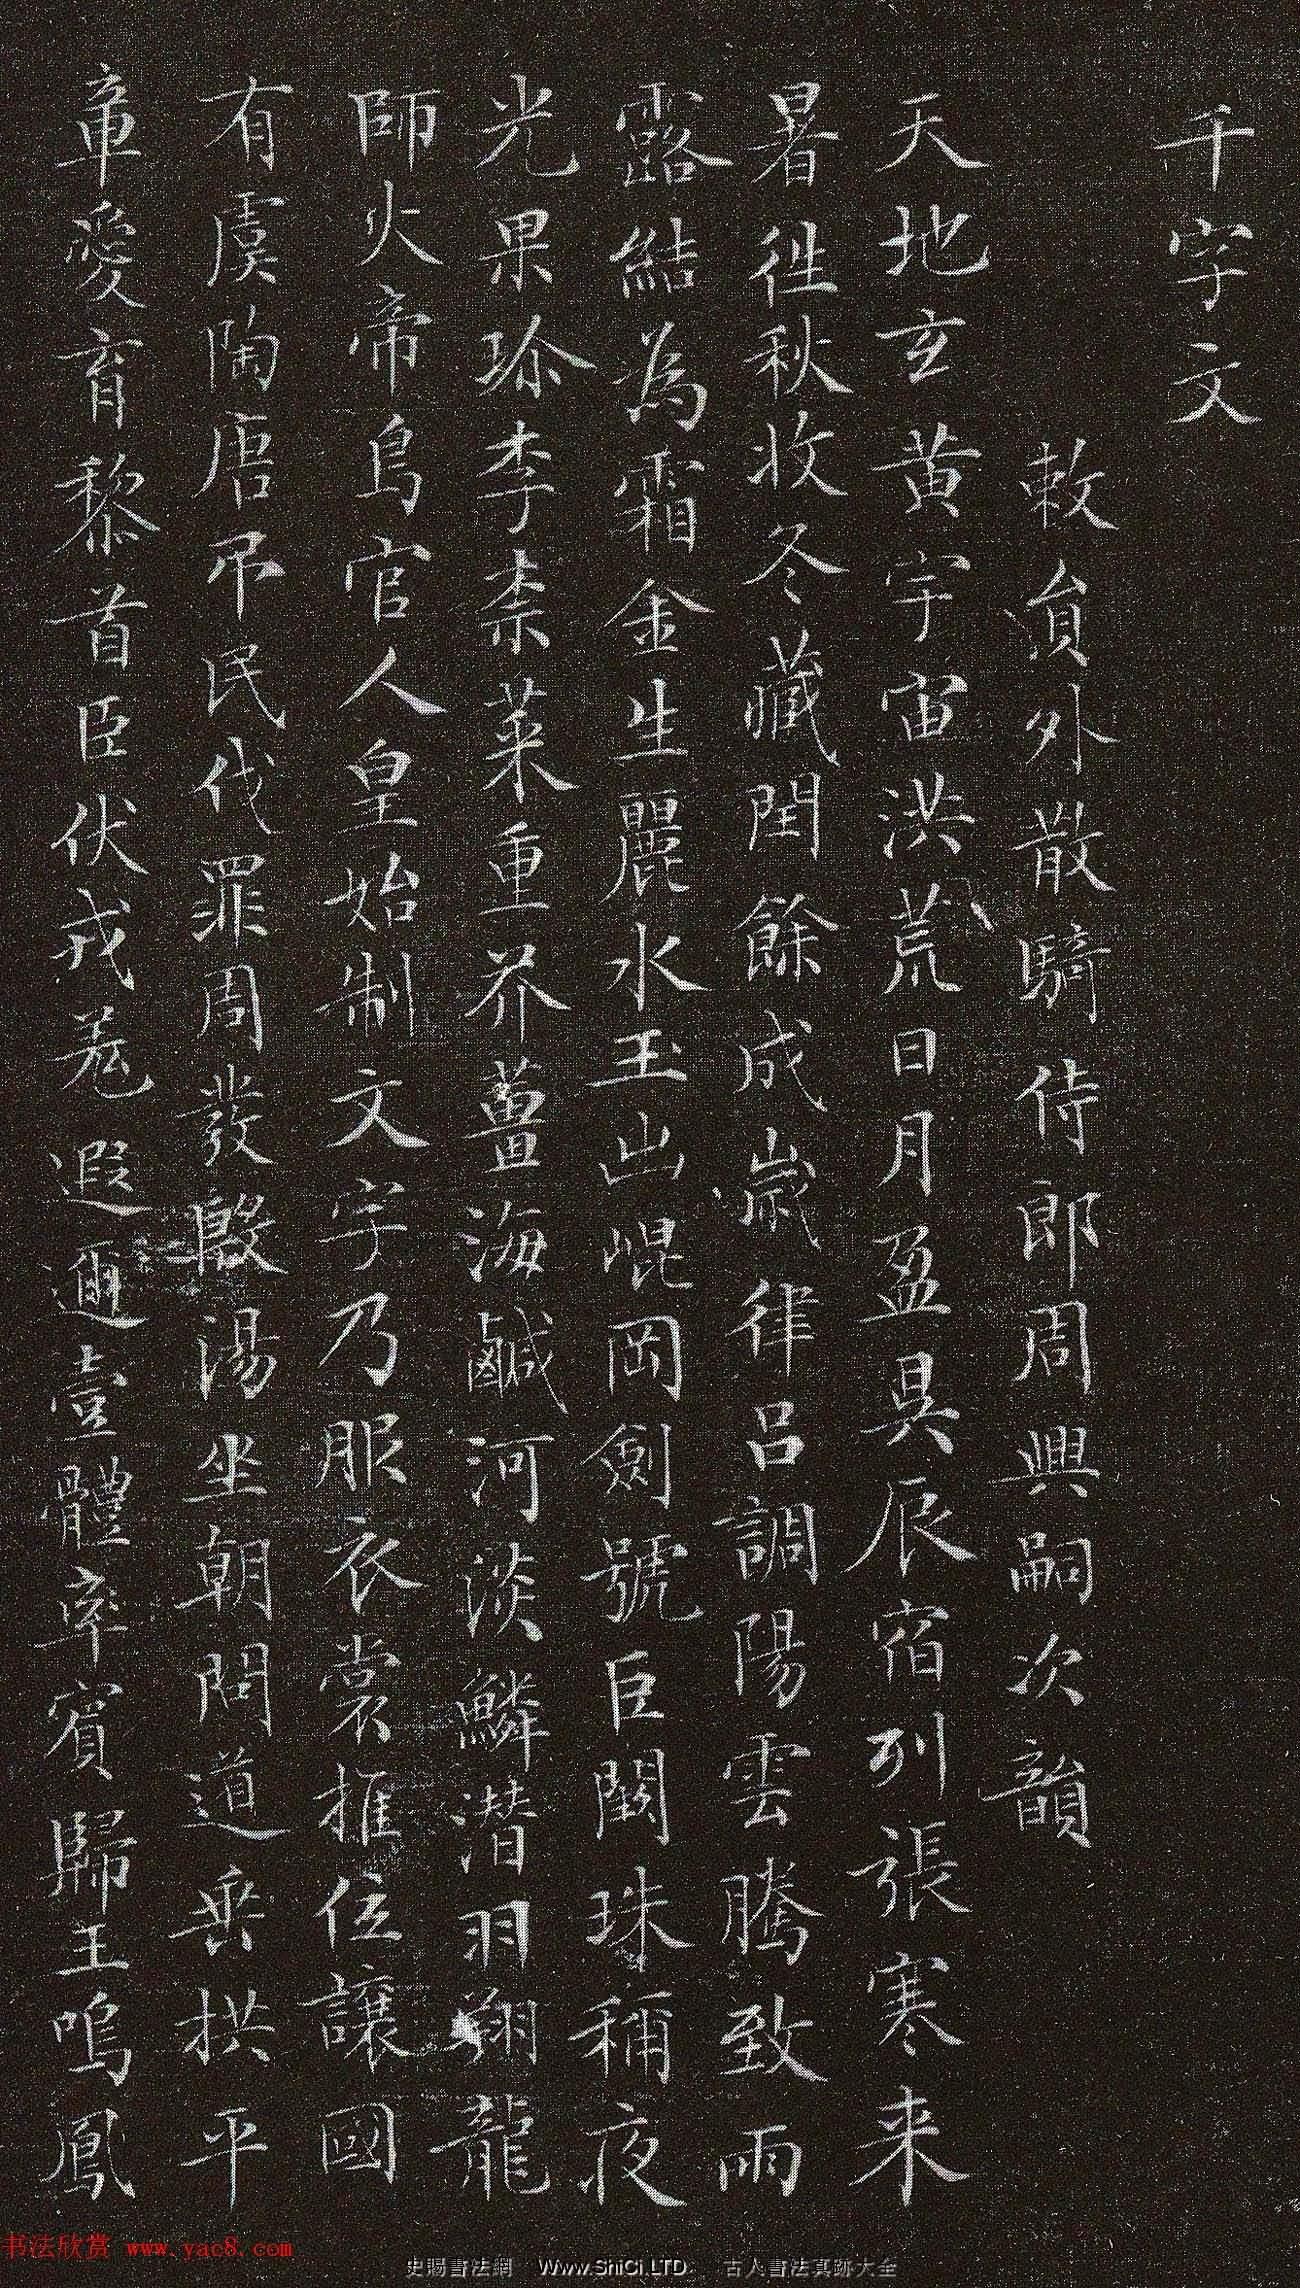 文徵明79歲書《小楷千字文》拓本(共6張圖片)